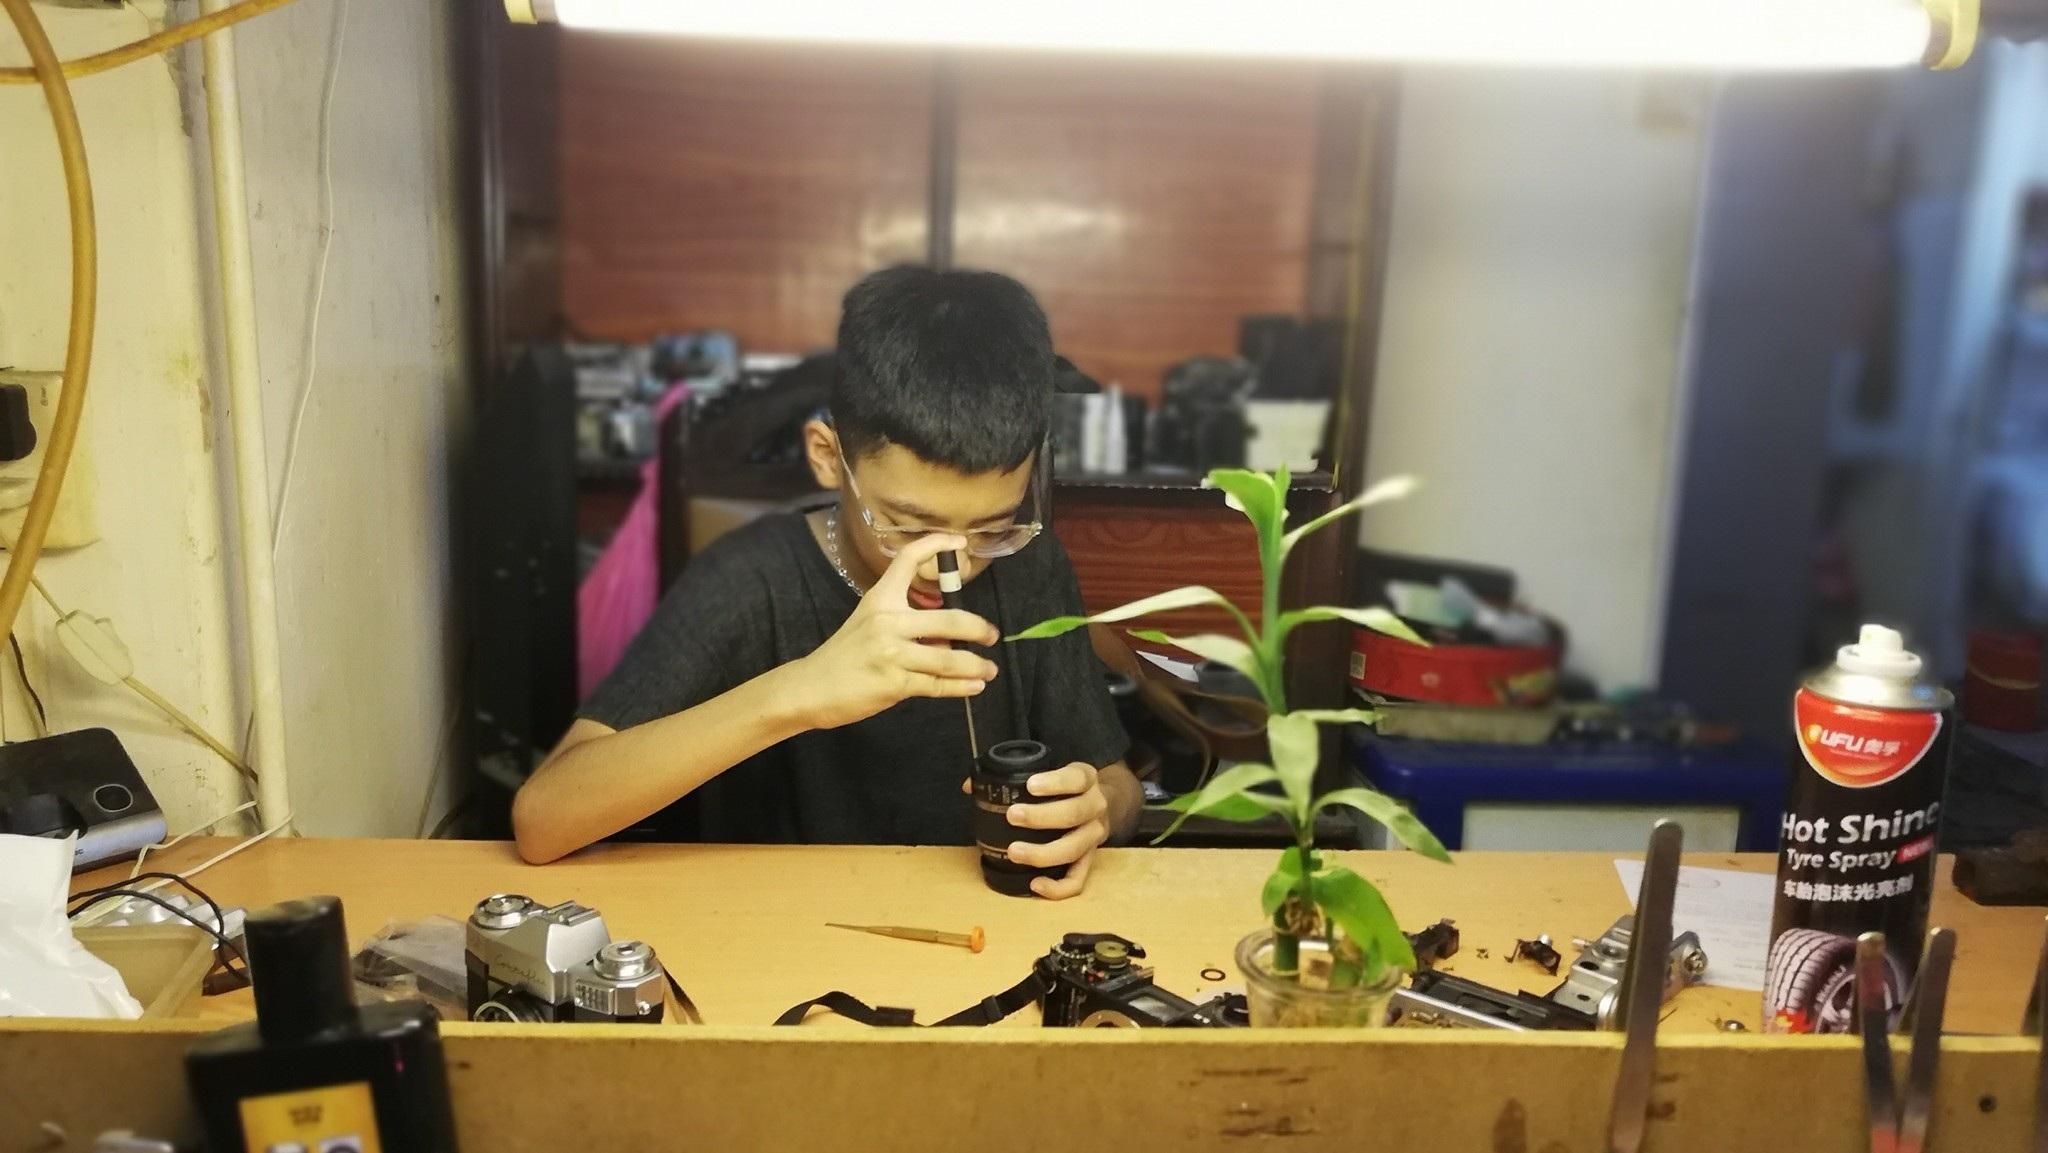 Nghệ nhân 4 đời sửa máy ảnh ở Hà Nội trải lòng về nghề xoay vặn - 9